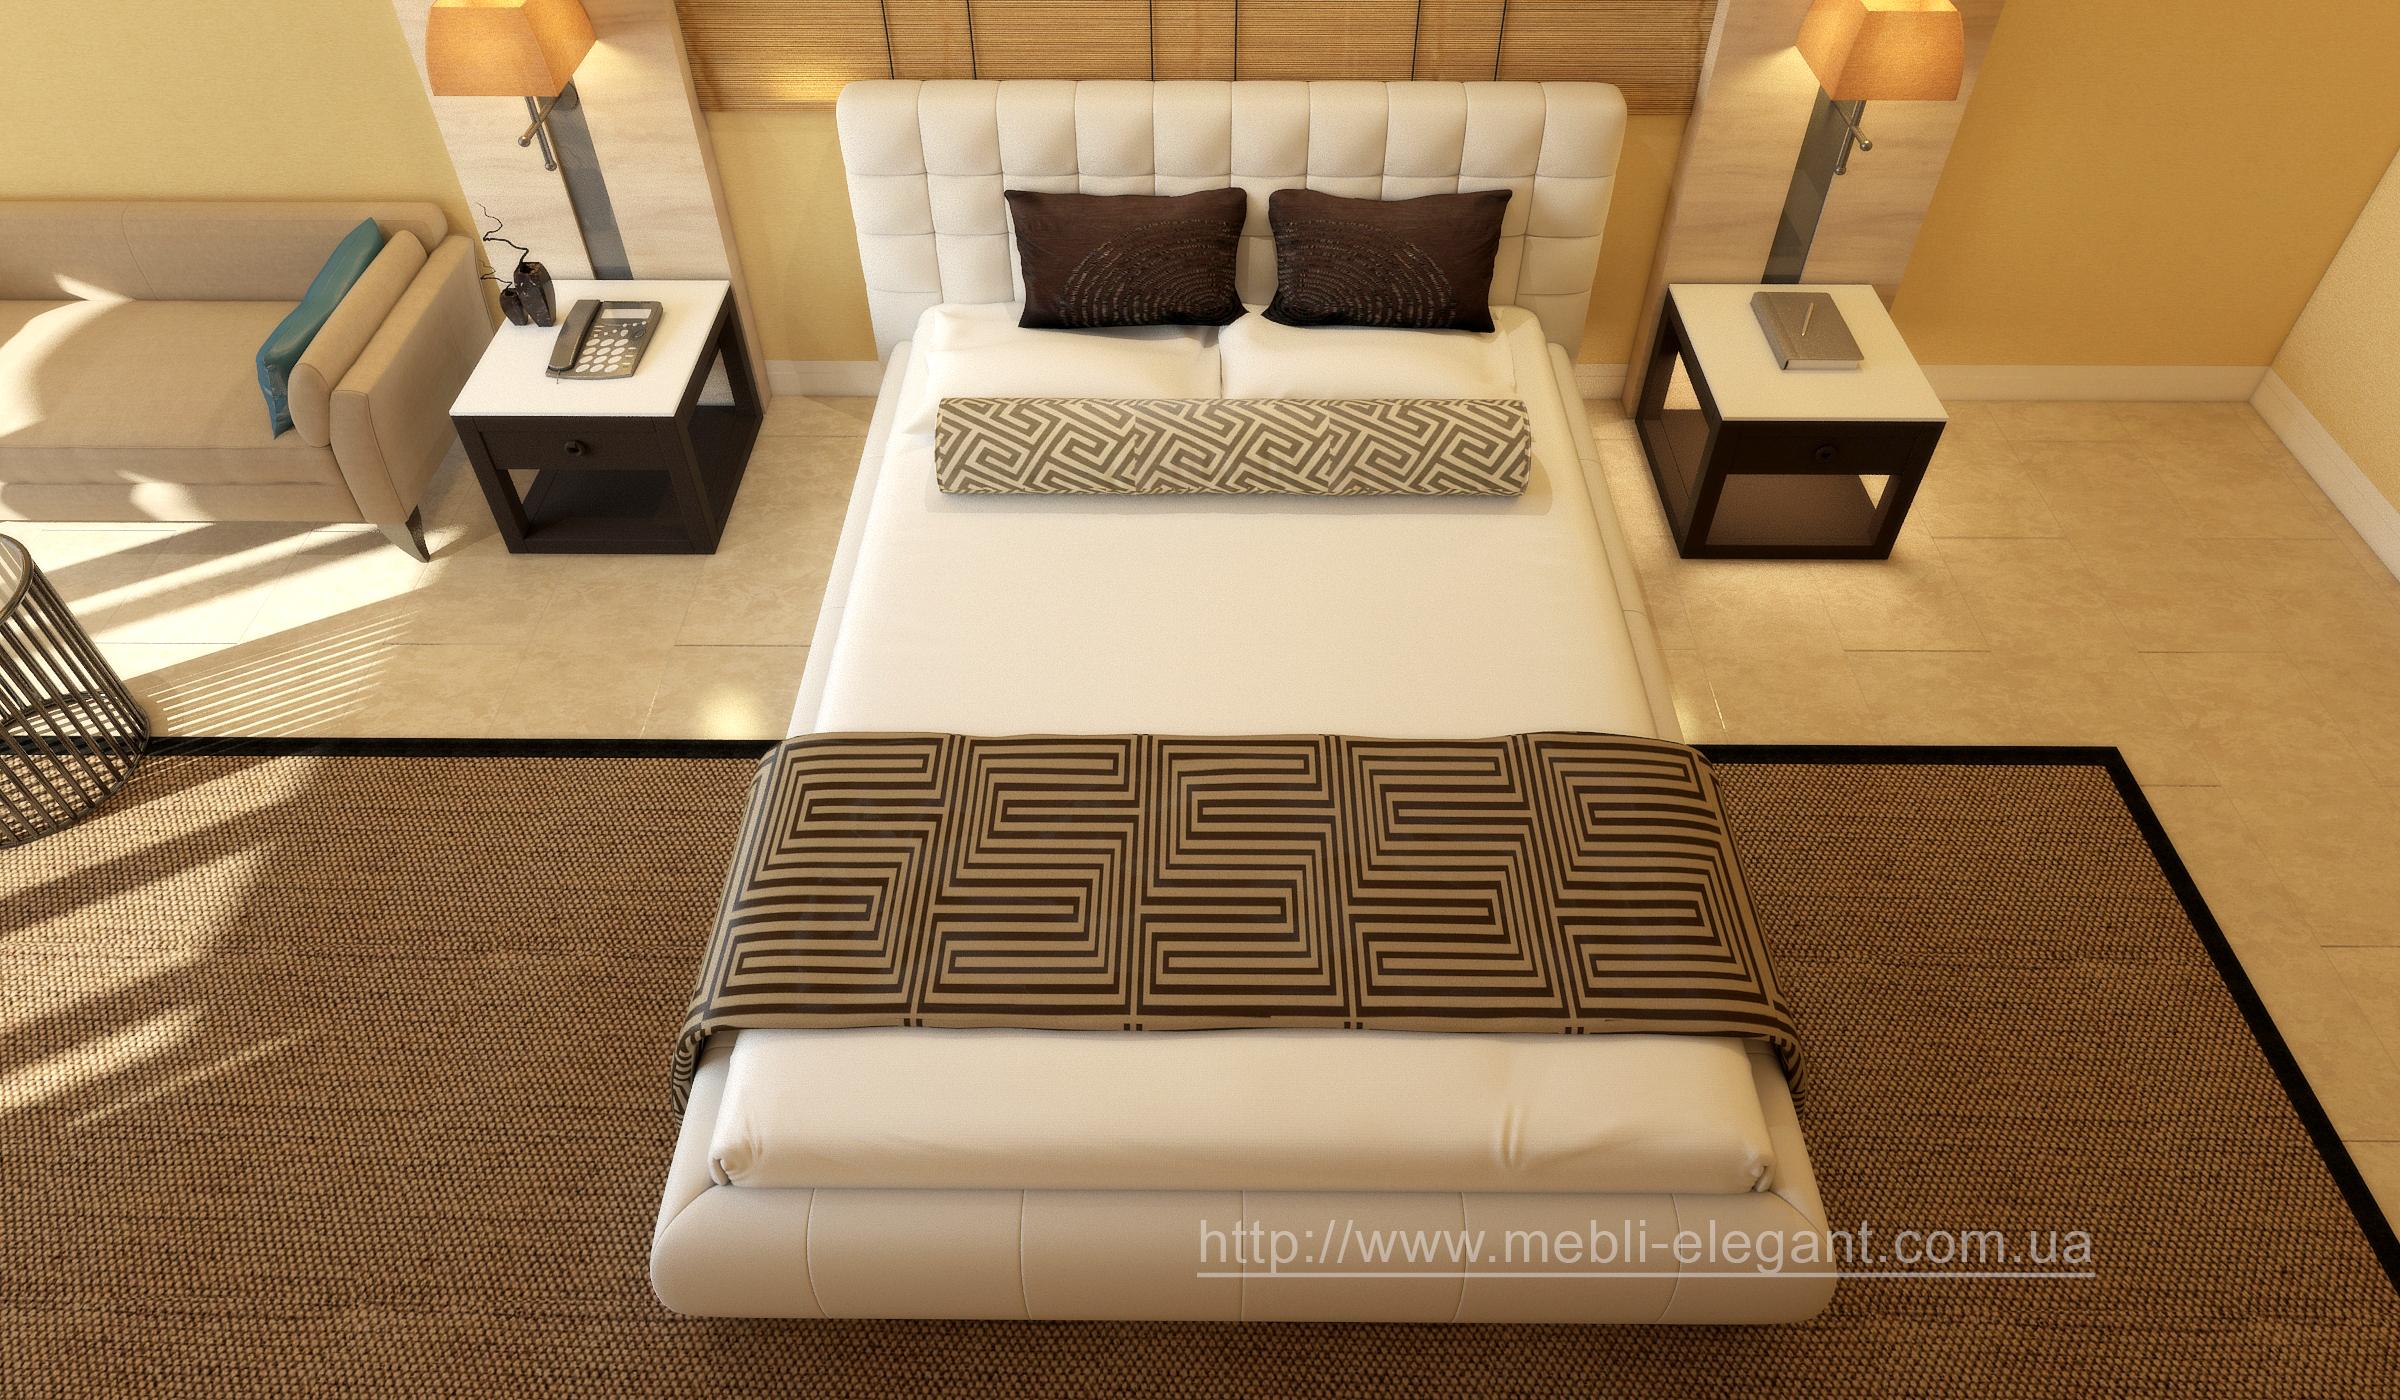 Dream_bed_interior_03 знак .jpg